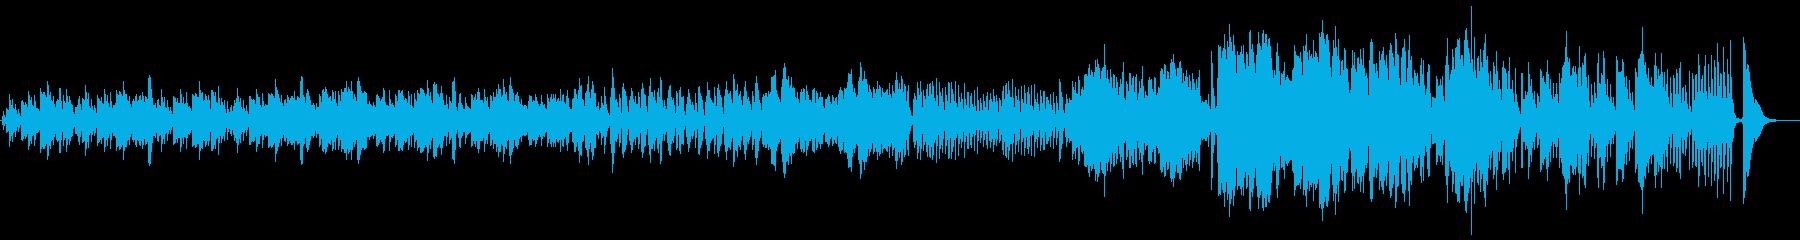 ハープの不思議な感じの曲の再生済みの波形